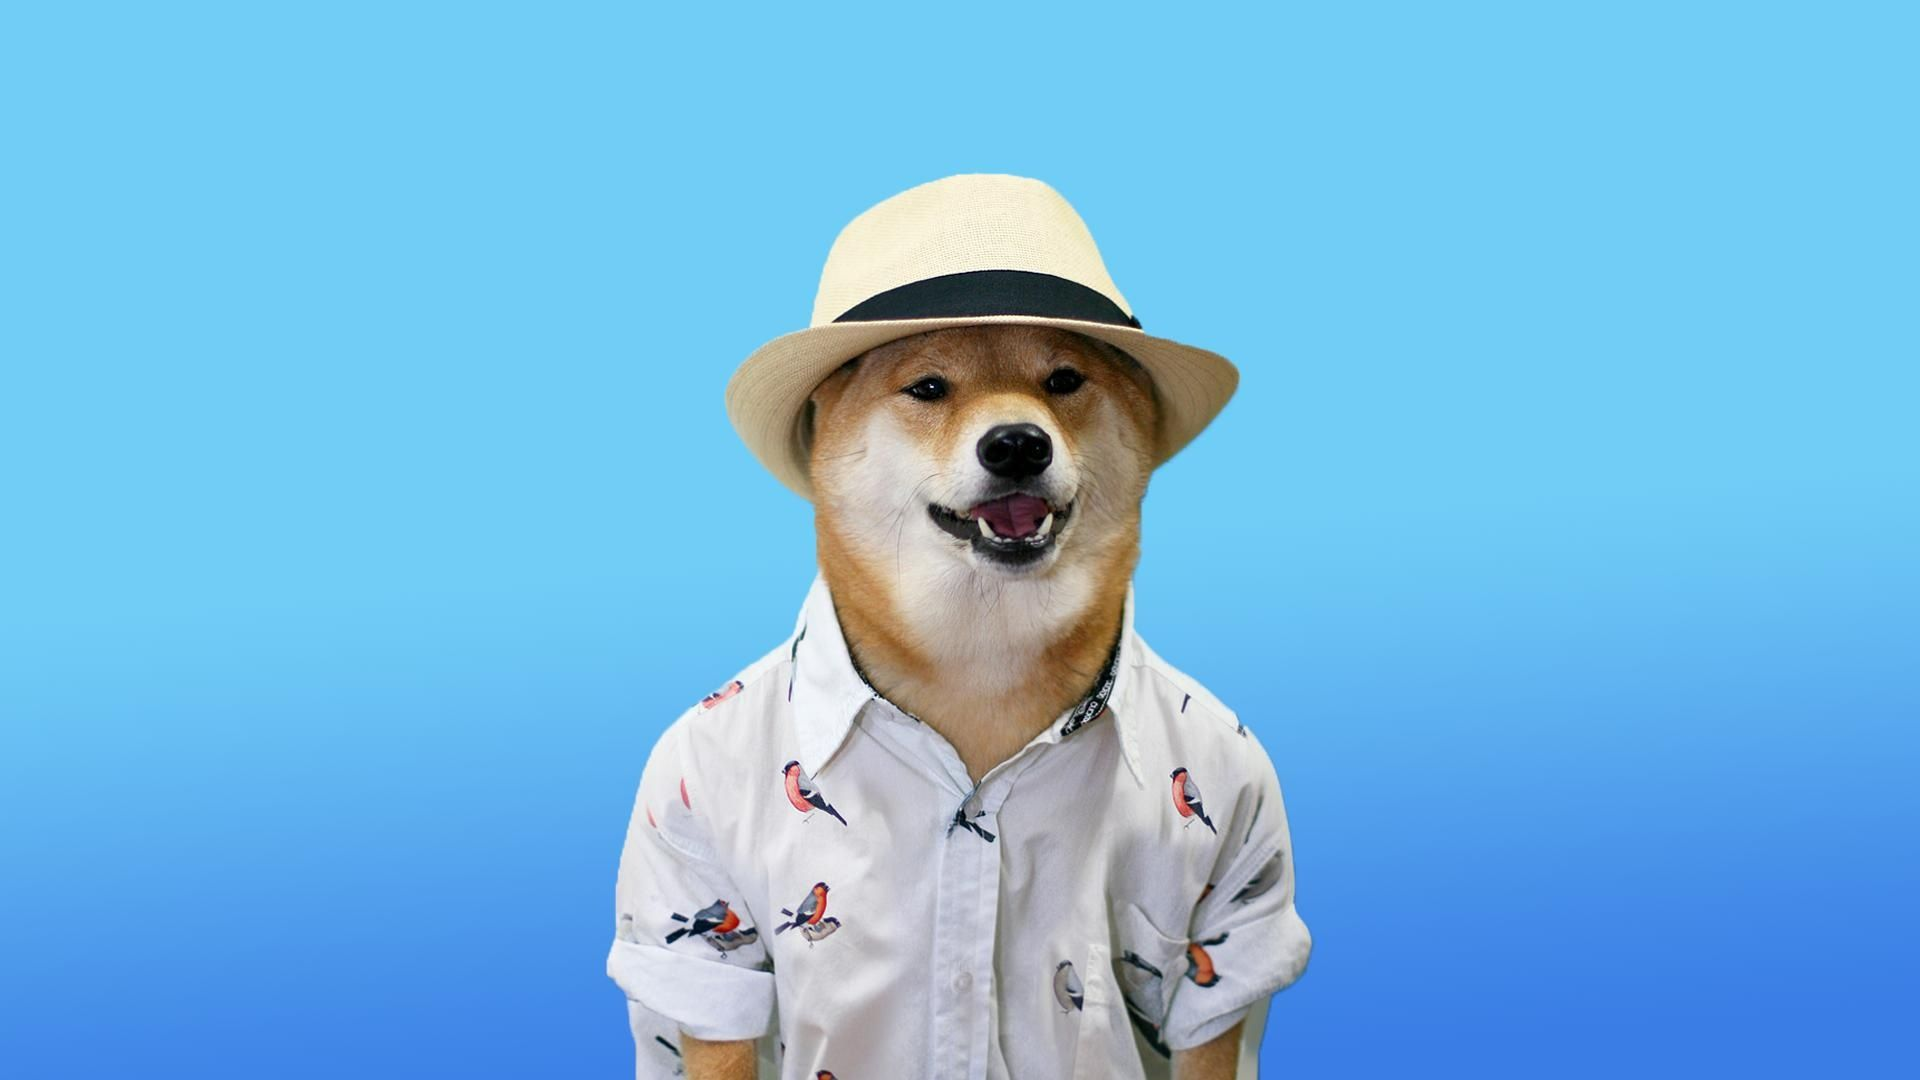 dog meme wallpaper 72868